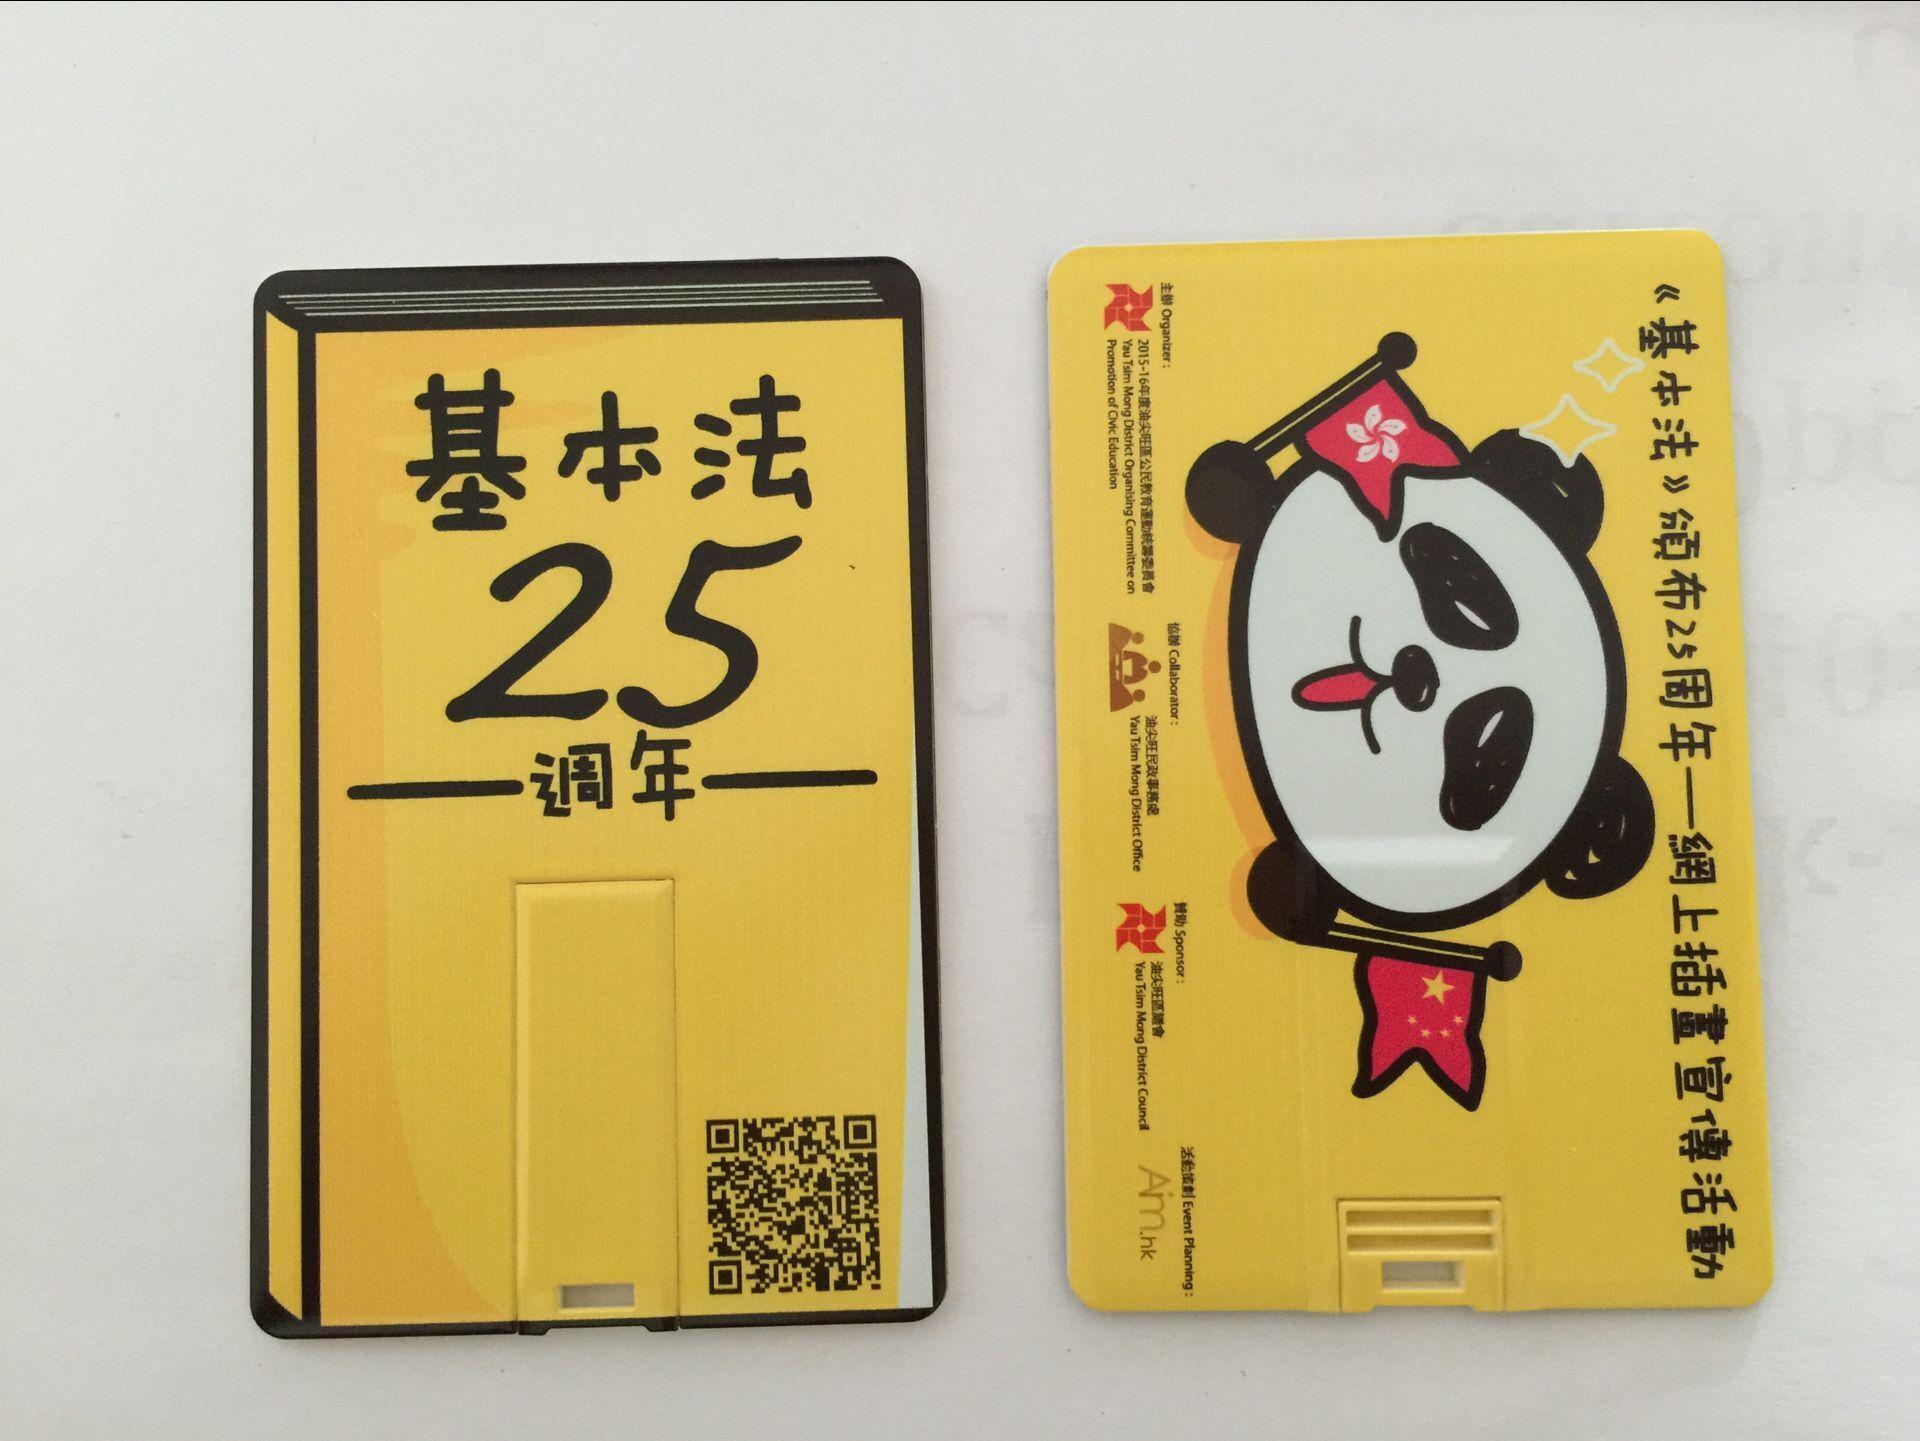 卡片U盘 可印刷各种图案 定制各总容量 2